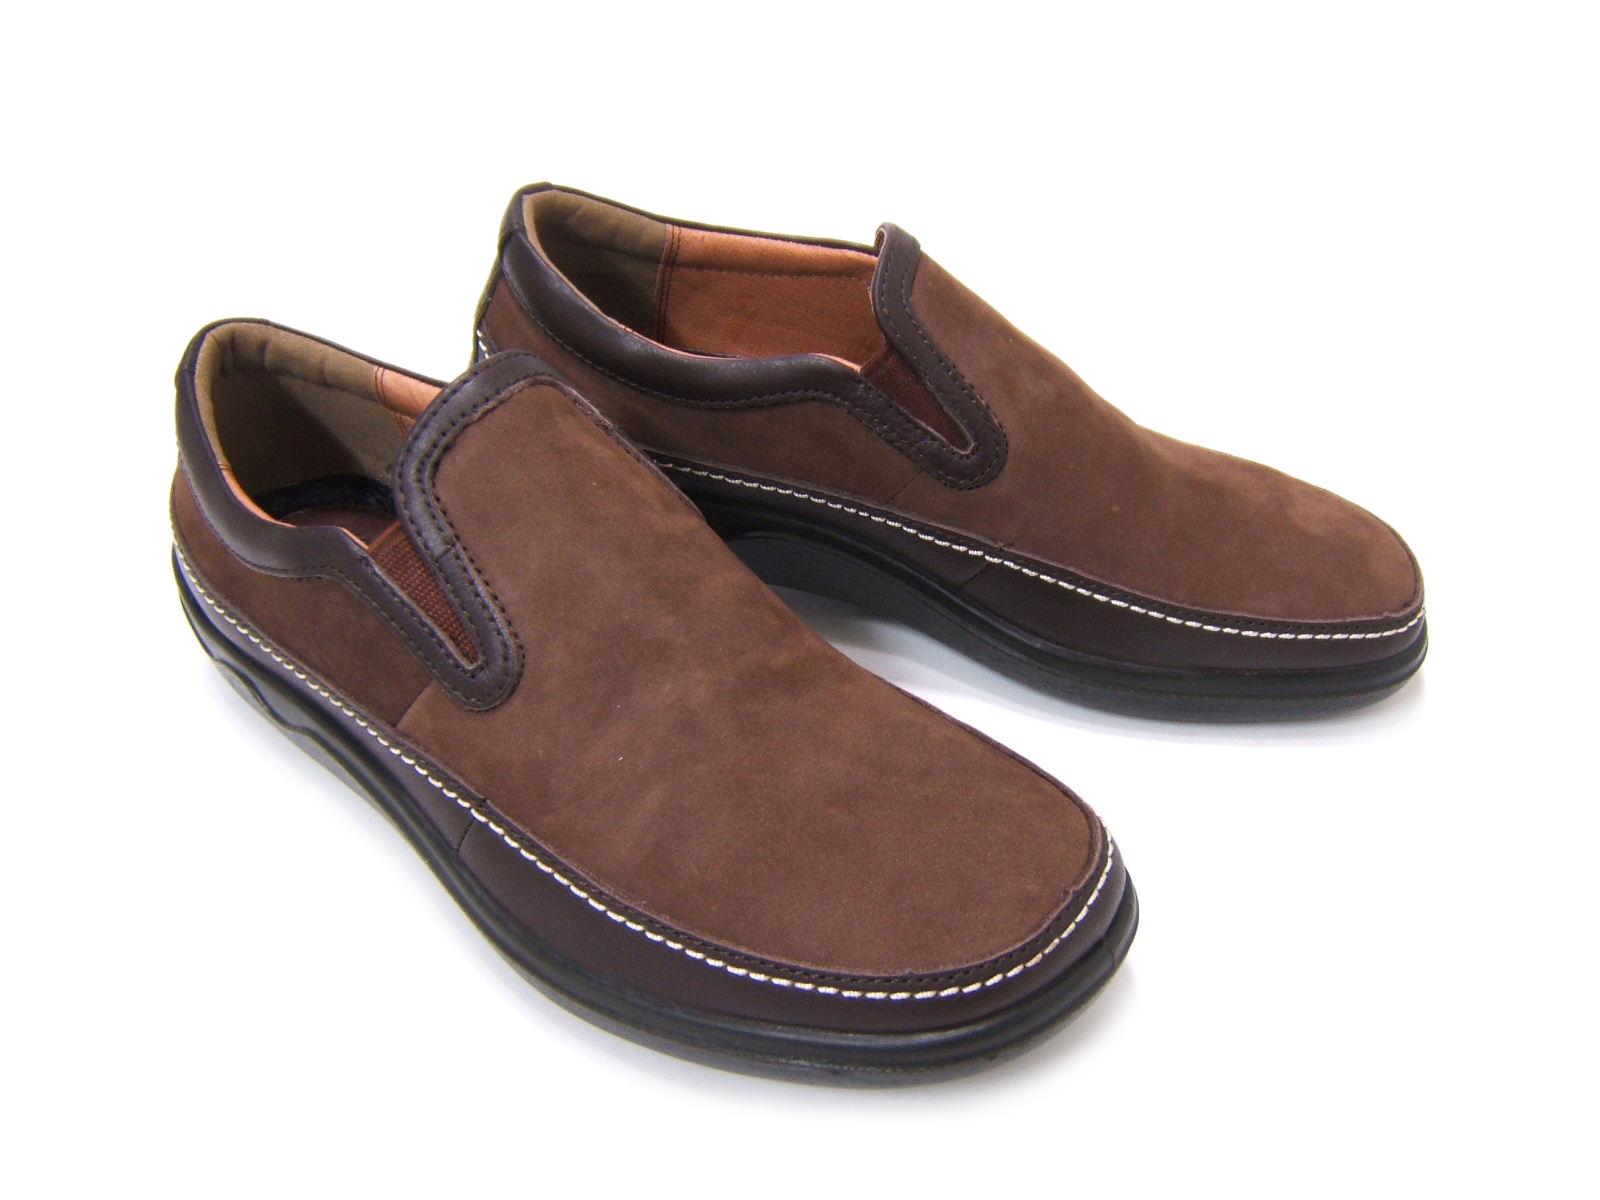 ビジネス&カジュアルで使える男の機能シューズ!ARUKURUN/アルクラン 紳士靴 スリップオン ヒモなし AR-1111 ダークブラウン 送料無料